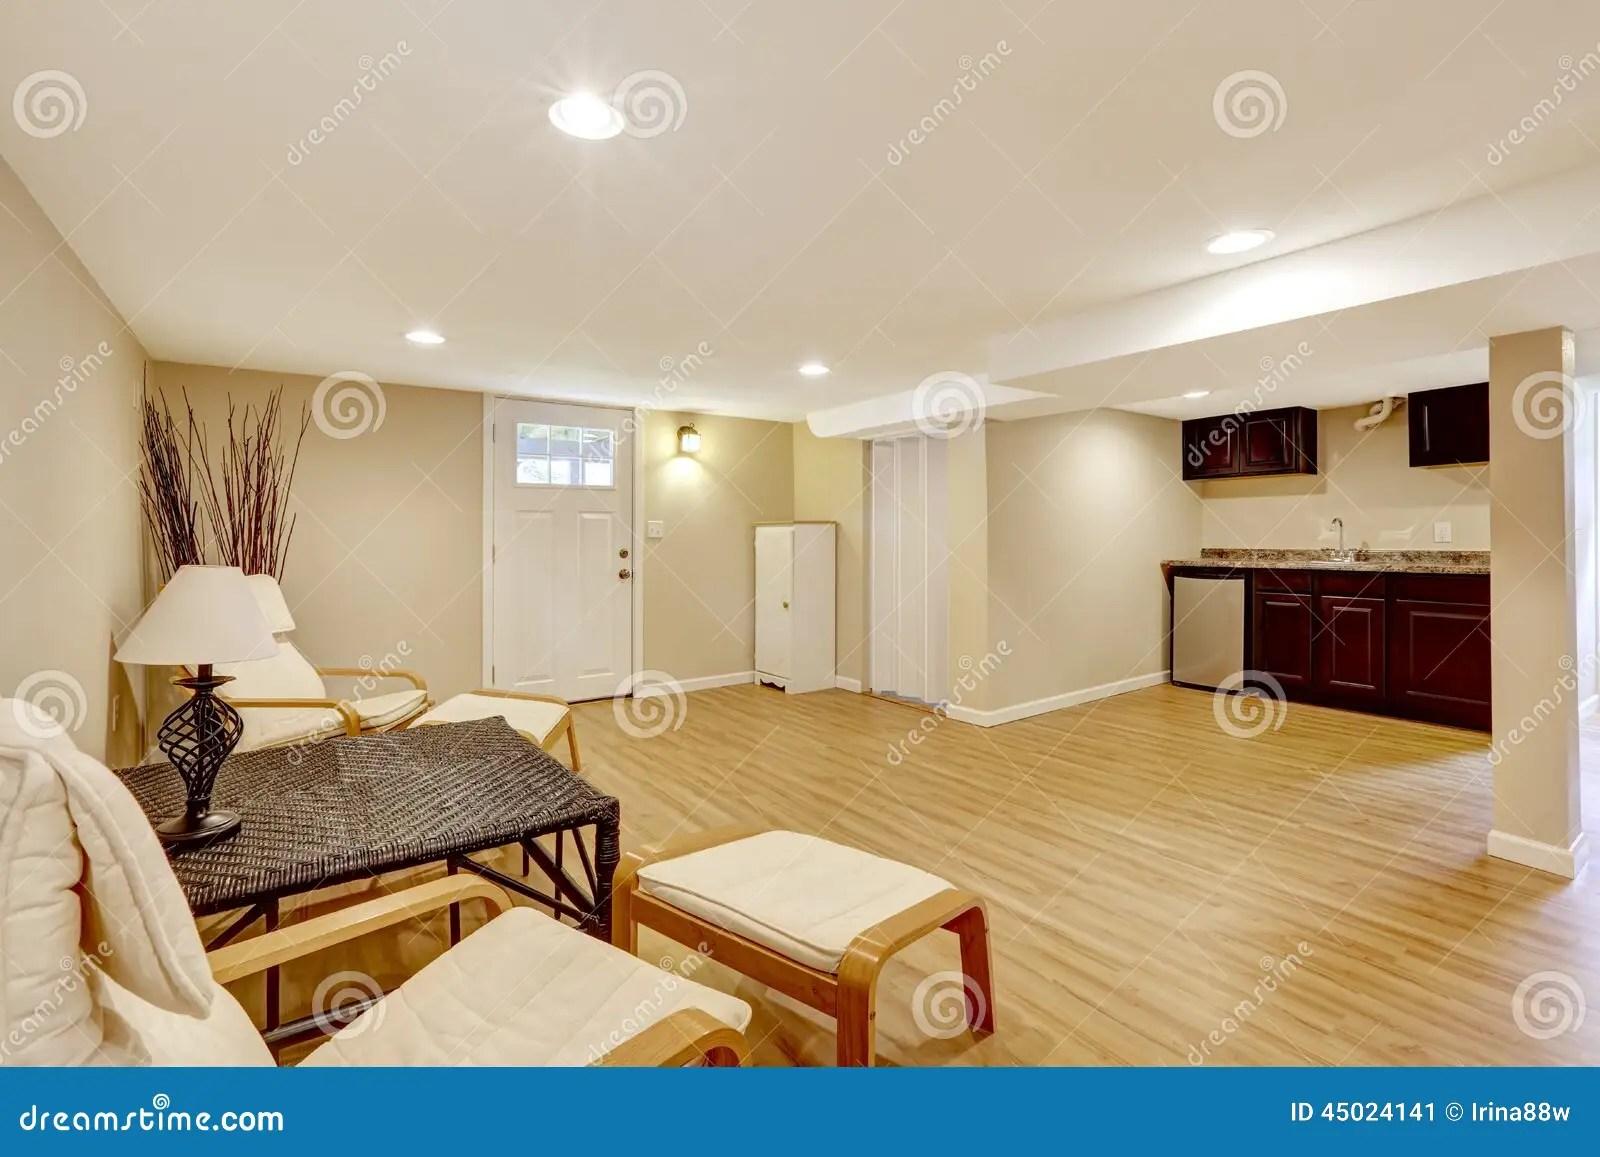 basement mother law apartment living room kitchen area bright garage plans shops mother law suites apartments bonus